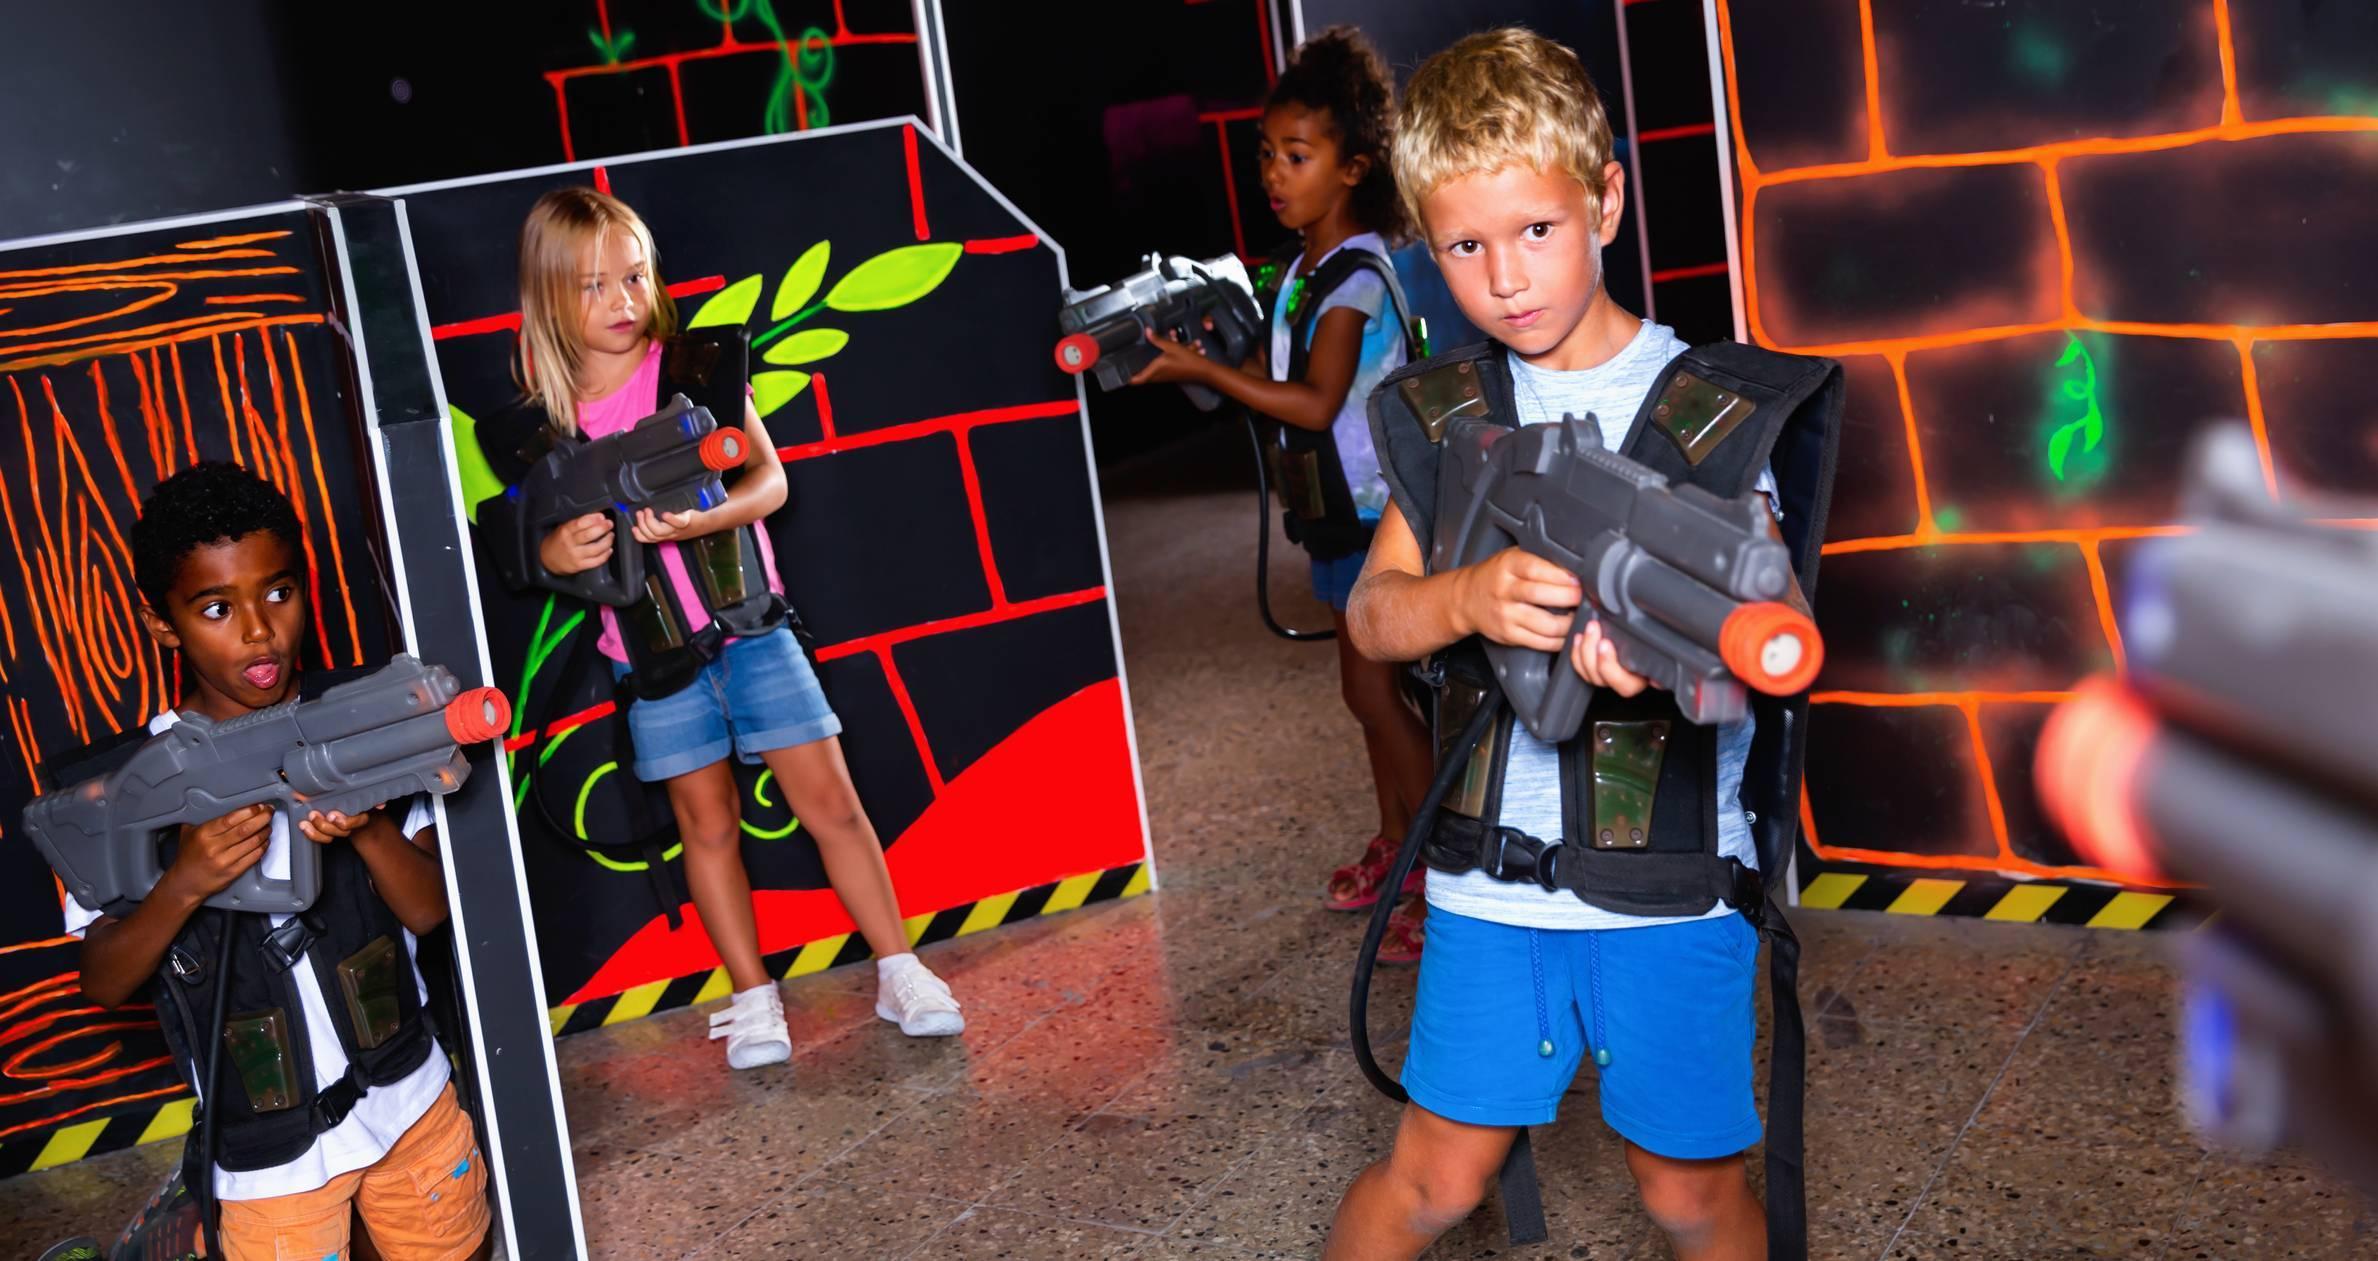 Laser game anniversaire enfant